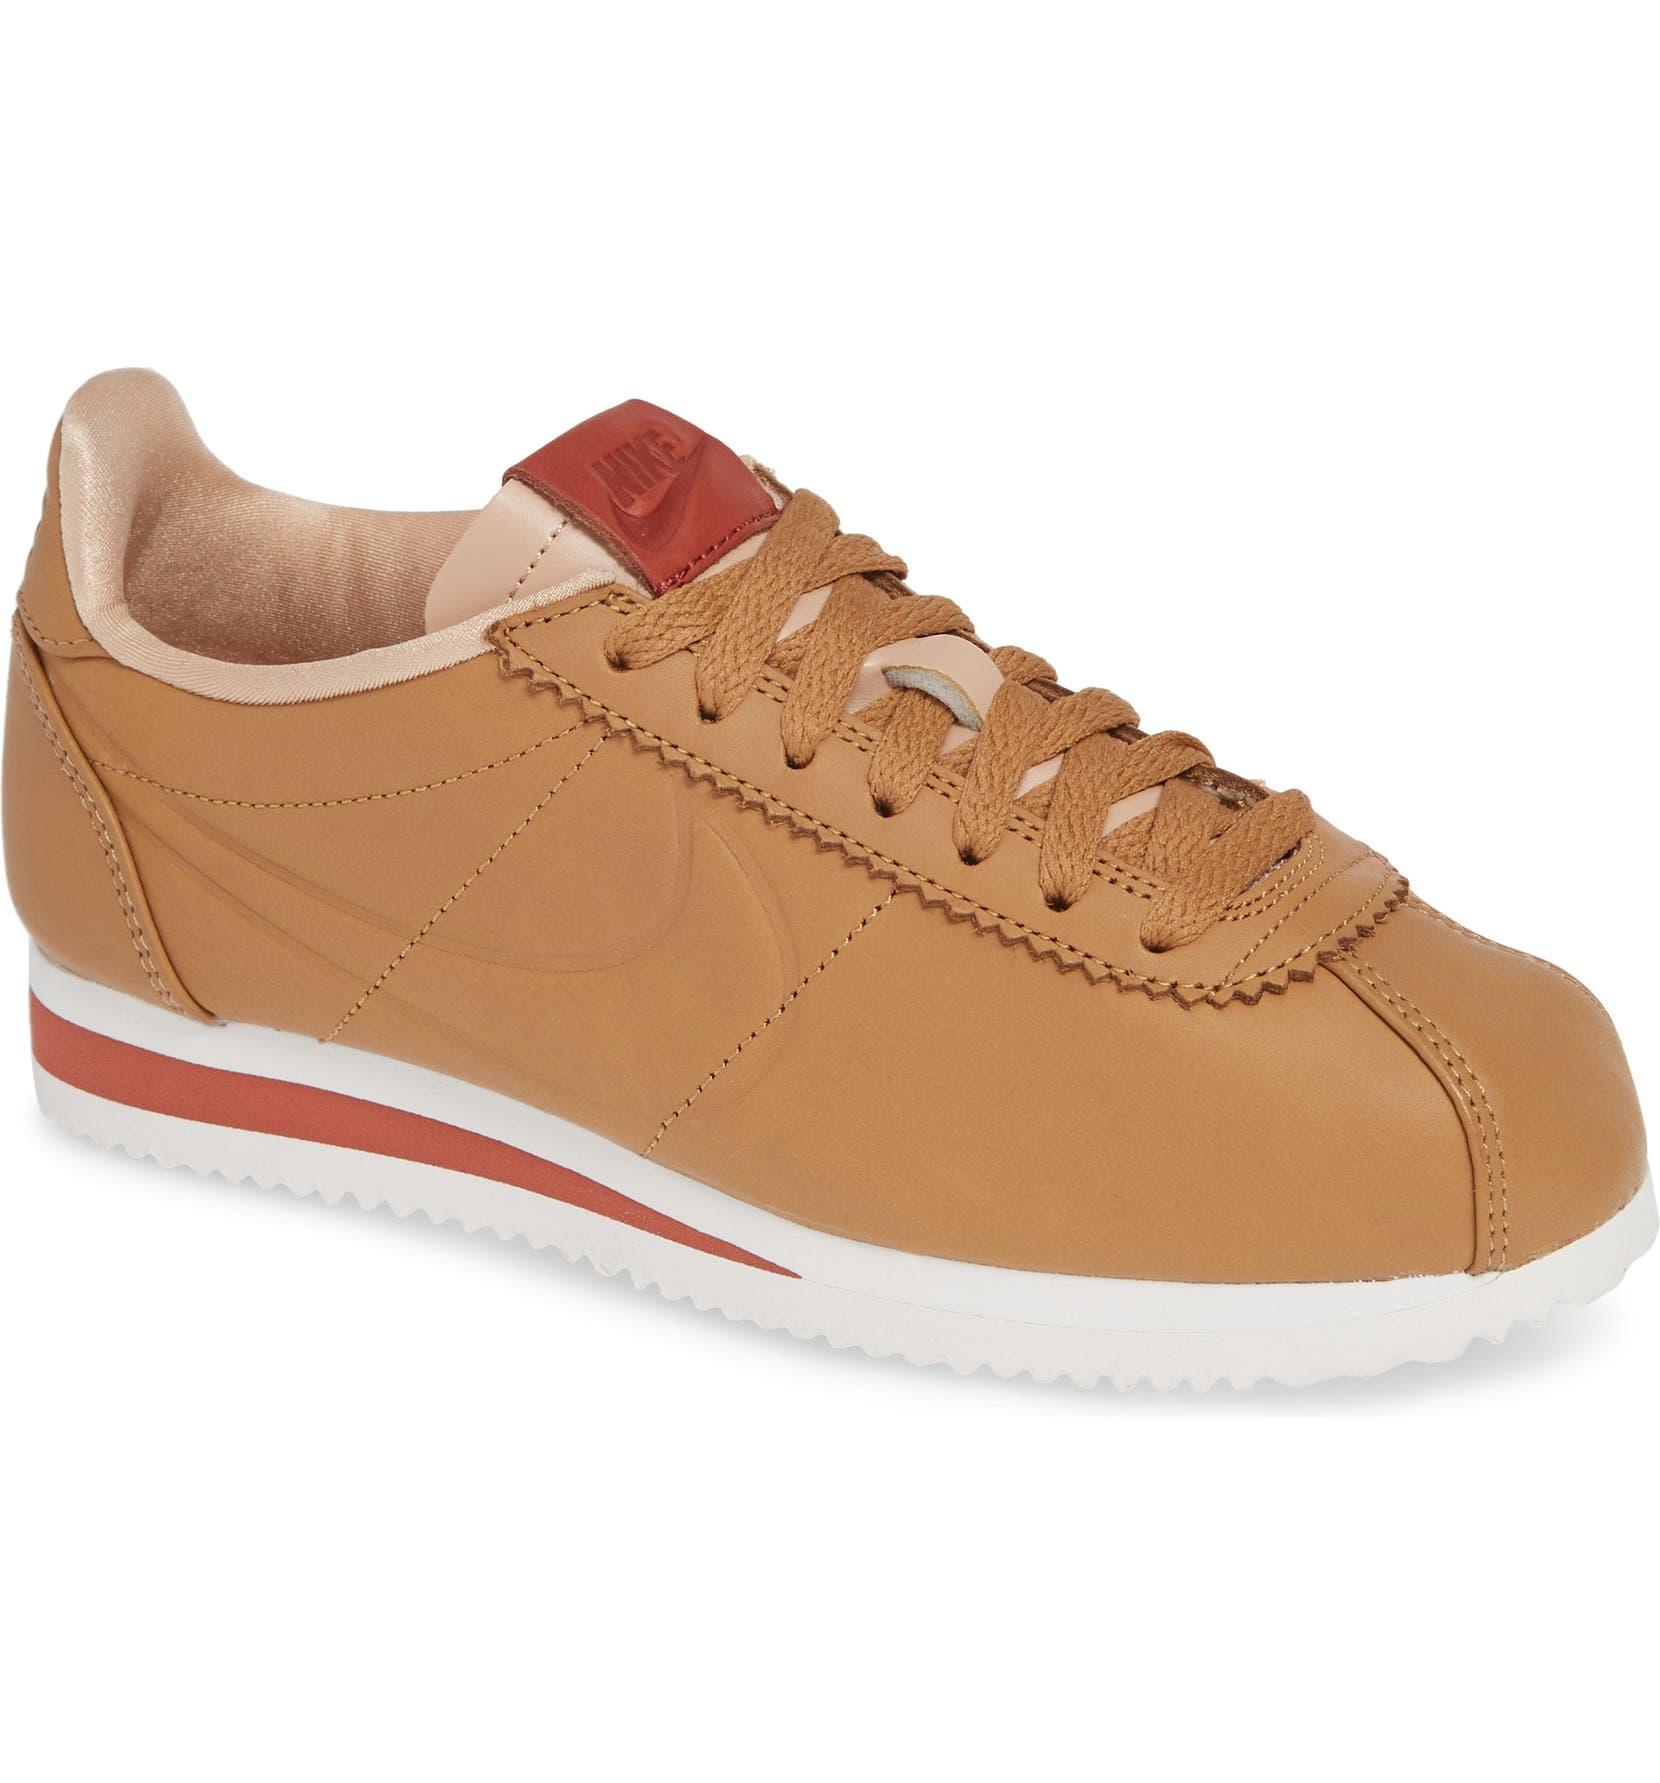 on sale c1e9c 07455 LA Cortez x Maria Sharapova Premium Sneaker